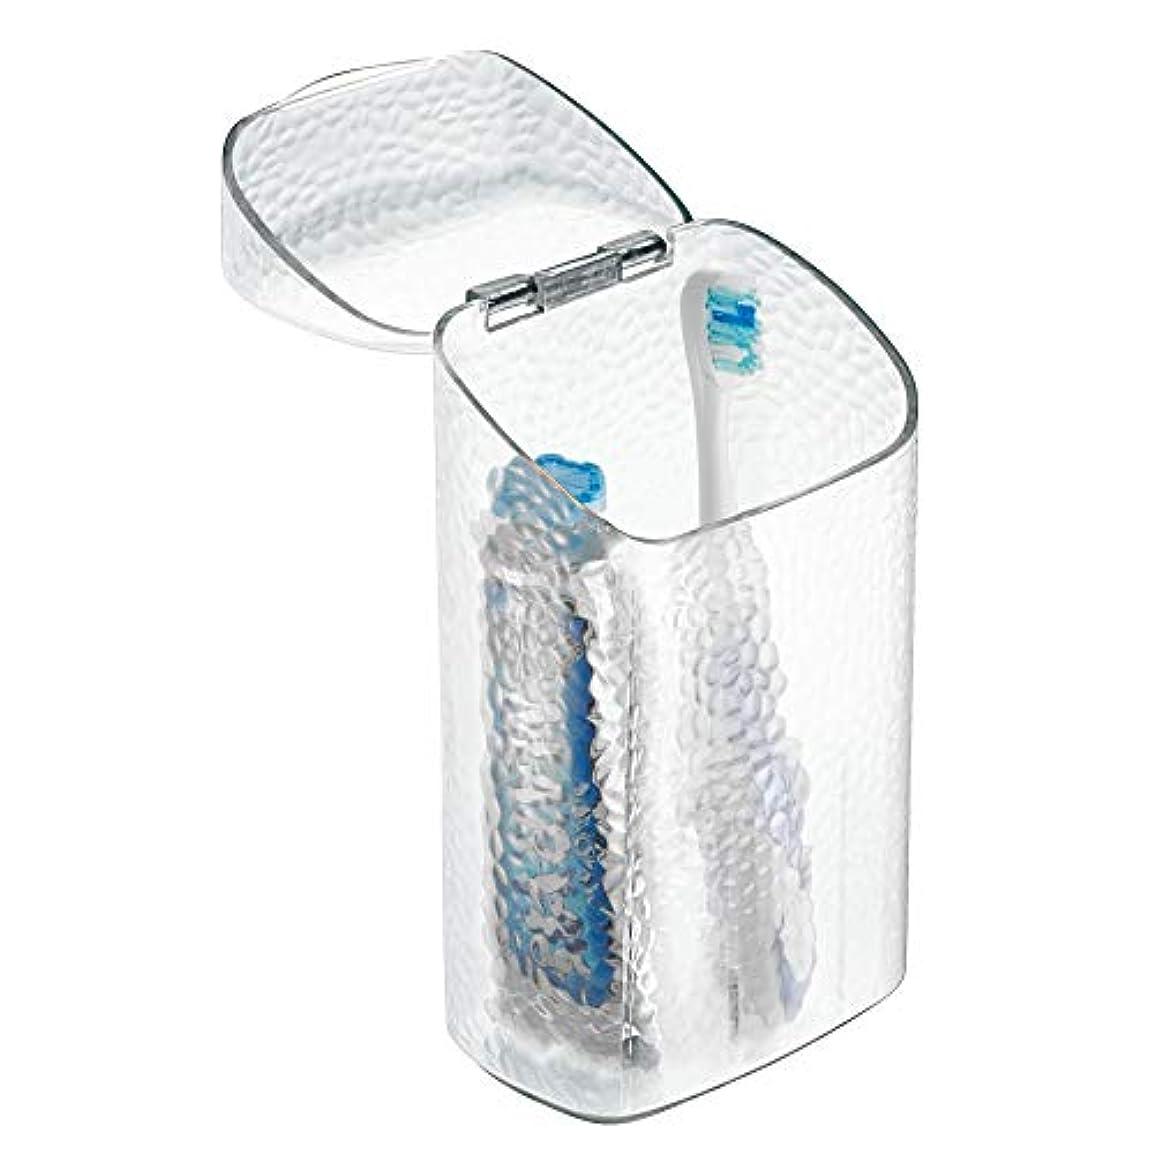 学生はい天才InterDesign Rain Dental Center Toothbrush and Toothpaste Holder/Case - Clear by InterDesign [並行輸入品]